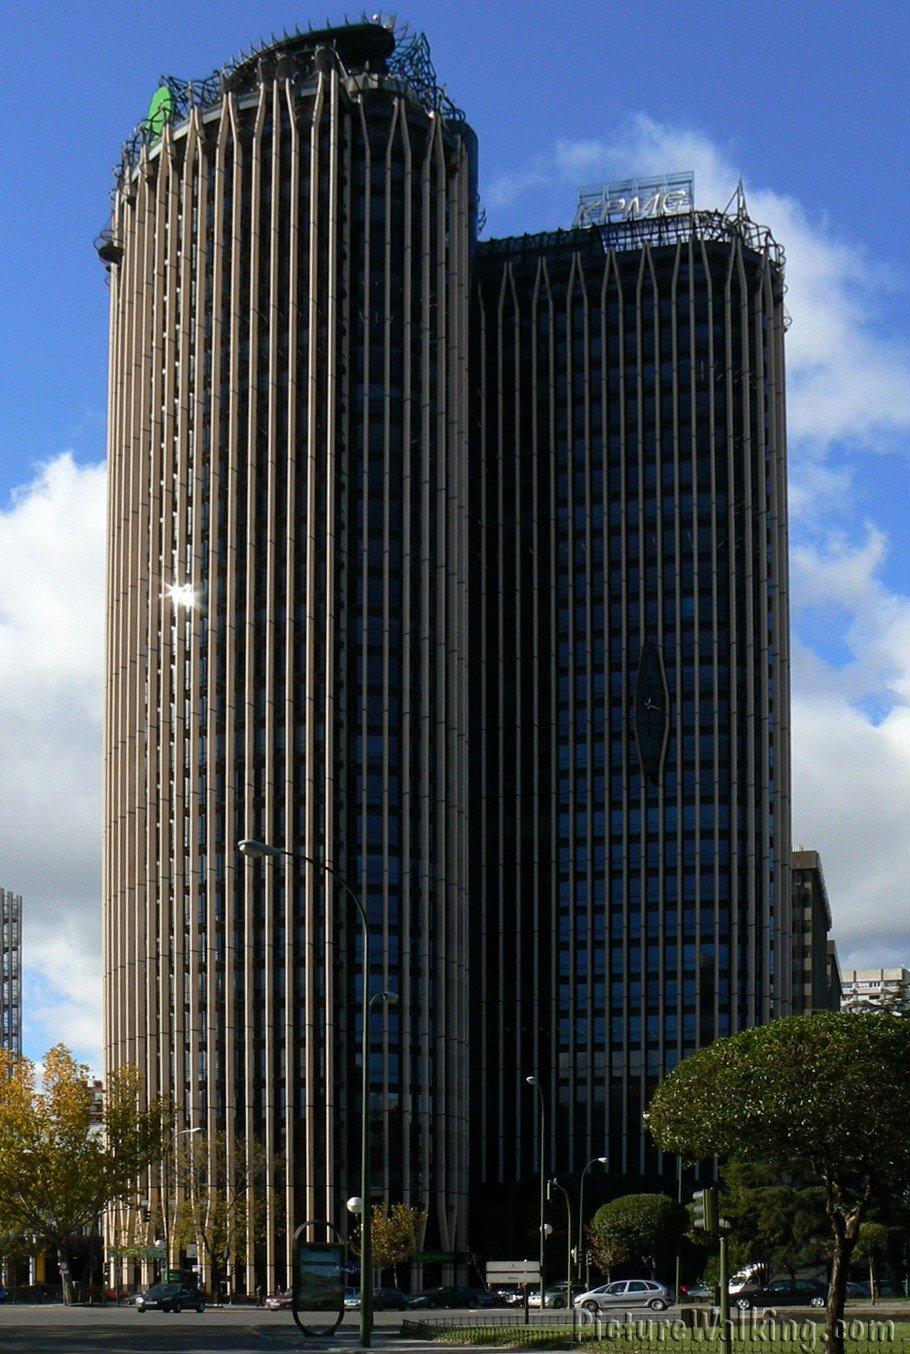 Torre Europa tomada desde el Estadio Bernabeu